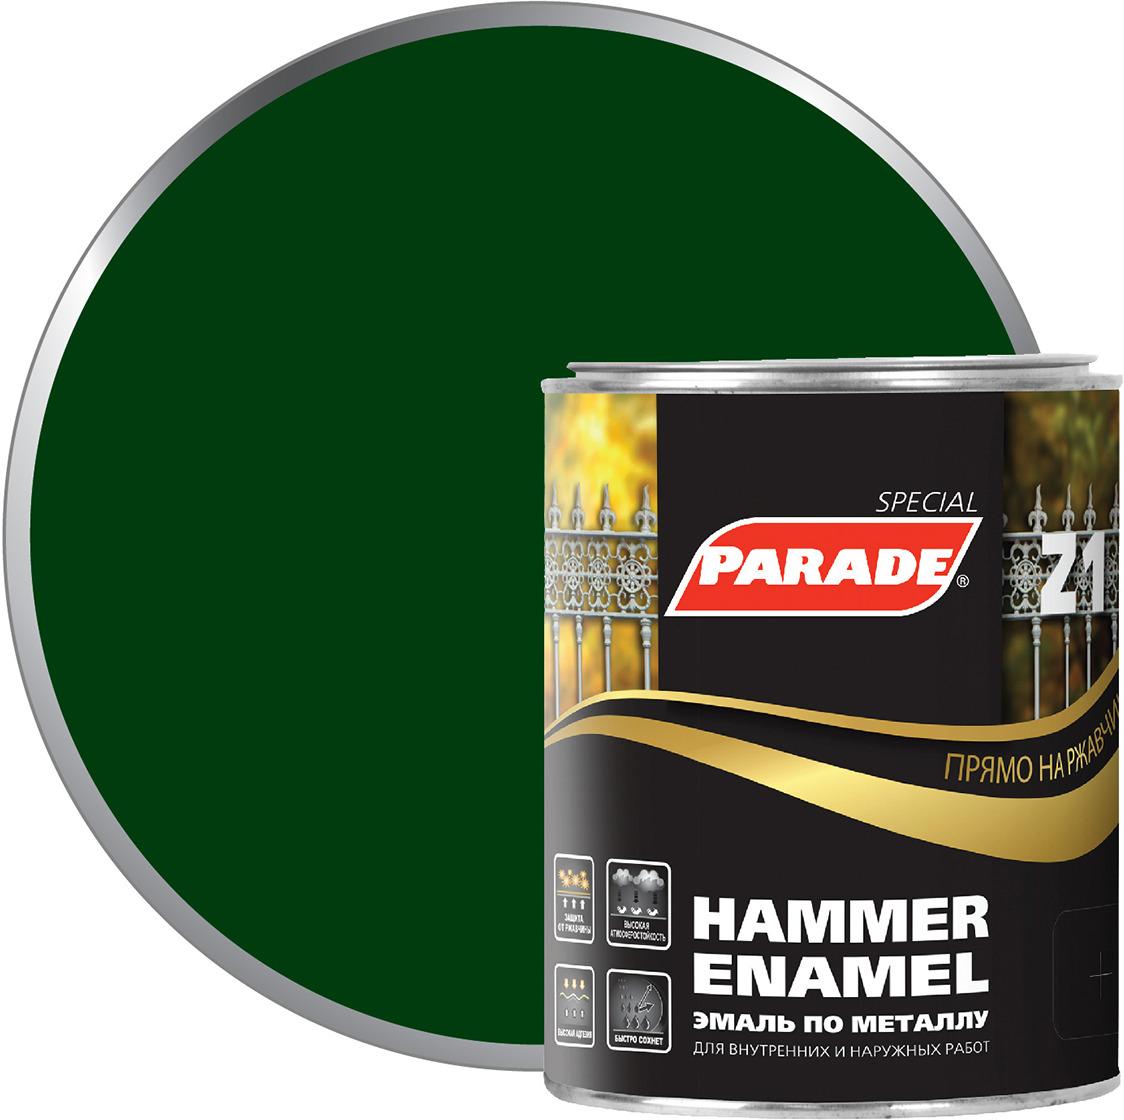 Фото - Эмаль по металлу Parade Z1, гладкая, 543-188 темно-зеленый, 750 мл финишный гвоздь swfs свфс din1152 1 8х40 25кг тов 041025